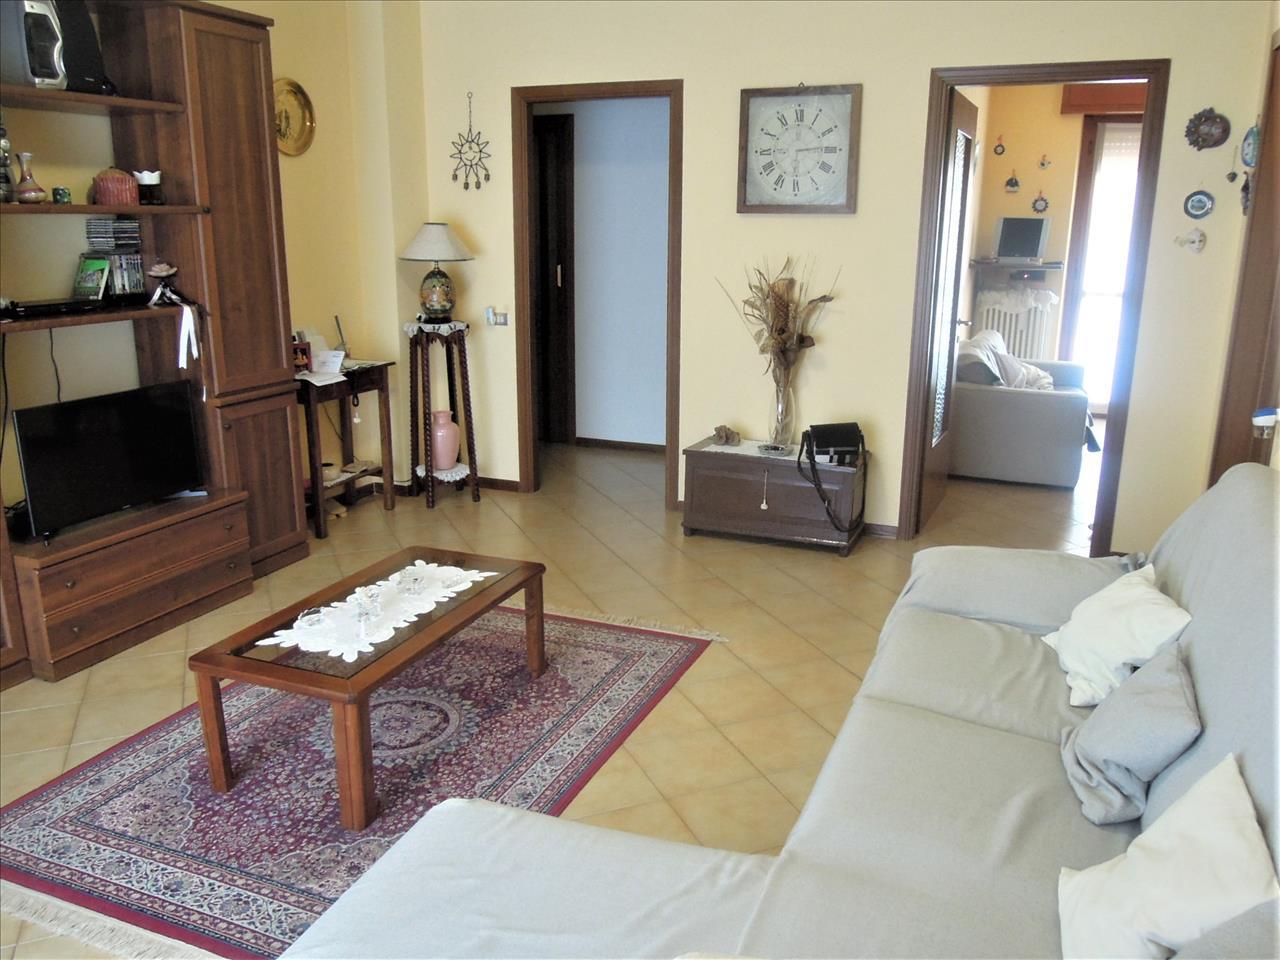 Appartamento in vendita a San Giorgio Piacentino, 3 locali, prezzo € 120.000 | CambioCasa.it